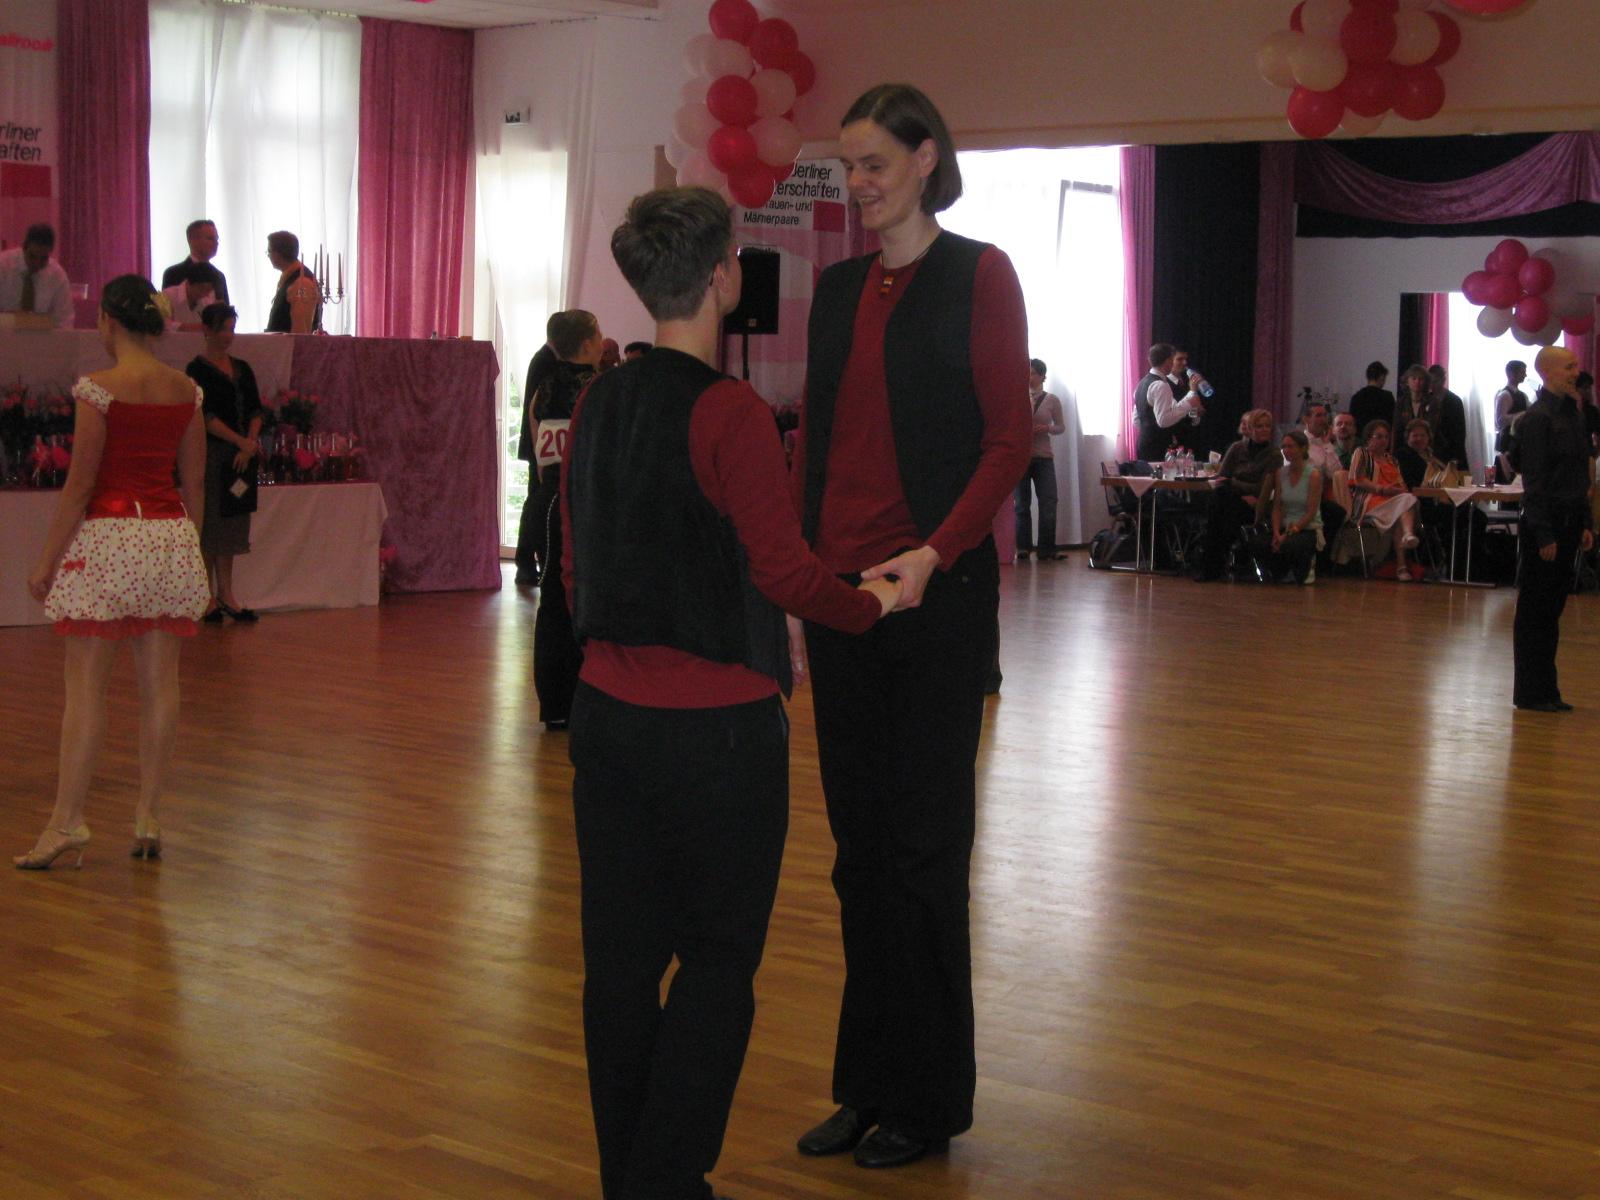 Gleichgeschlechtliche Tanzästhetik:  Von der (begrenzten) Freiheit aus der Rolle zu tanzen